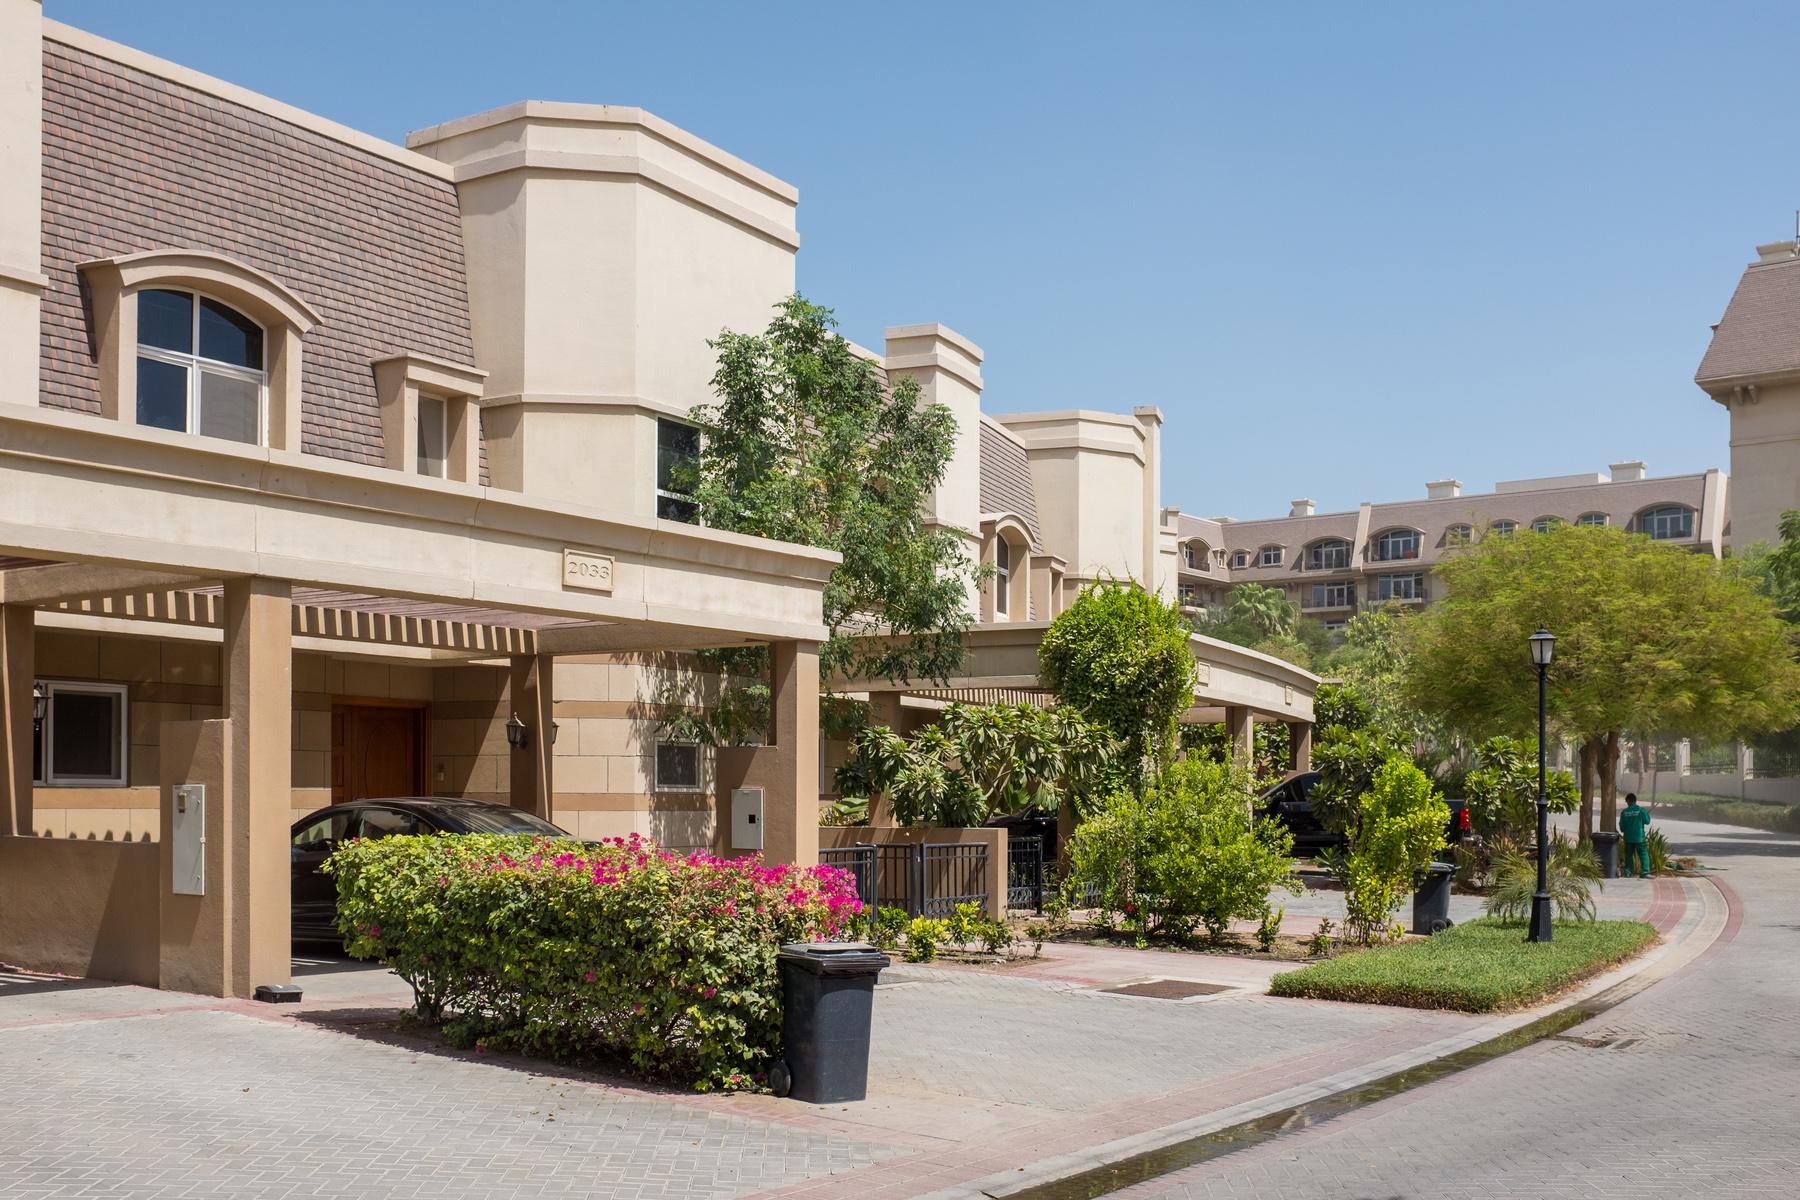 Mirdiff district of Dubai